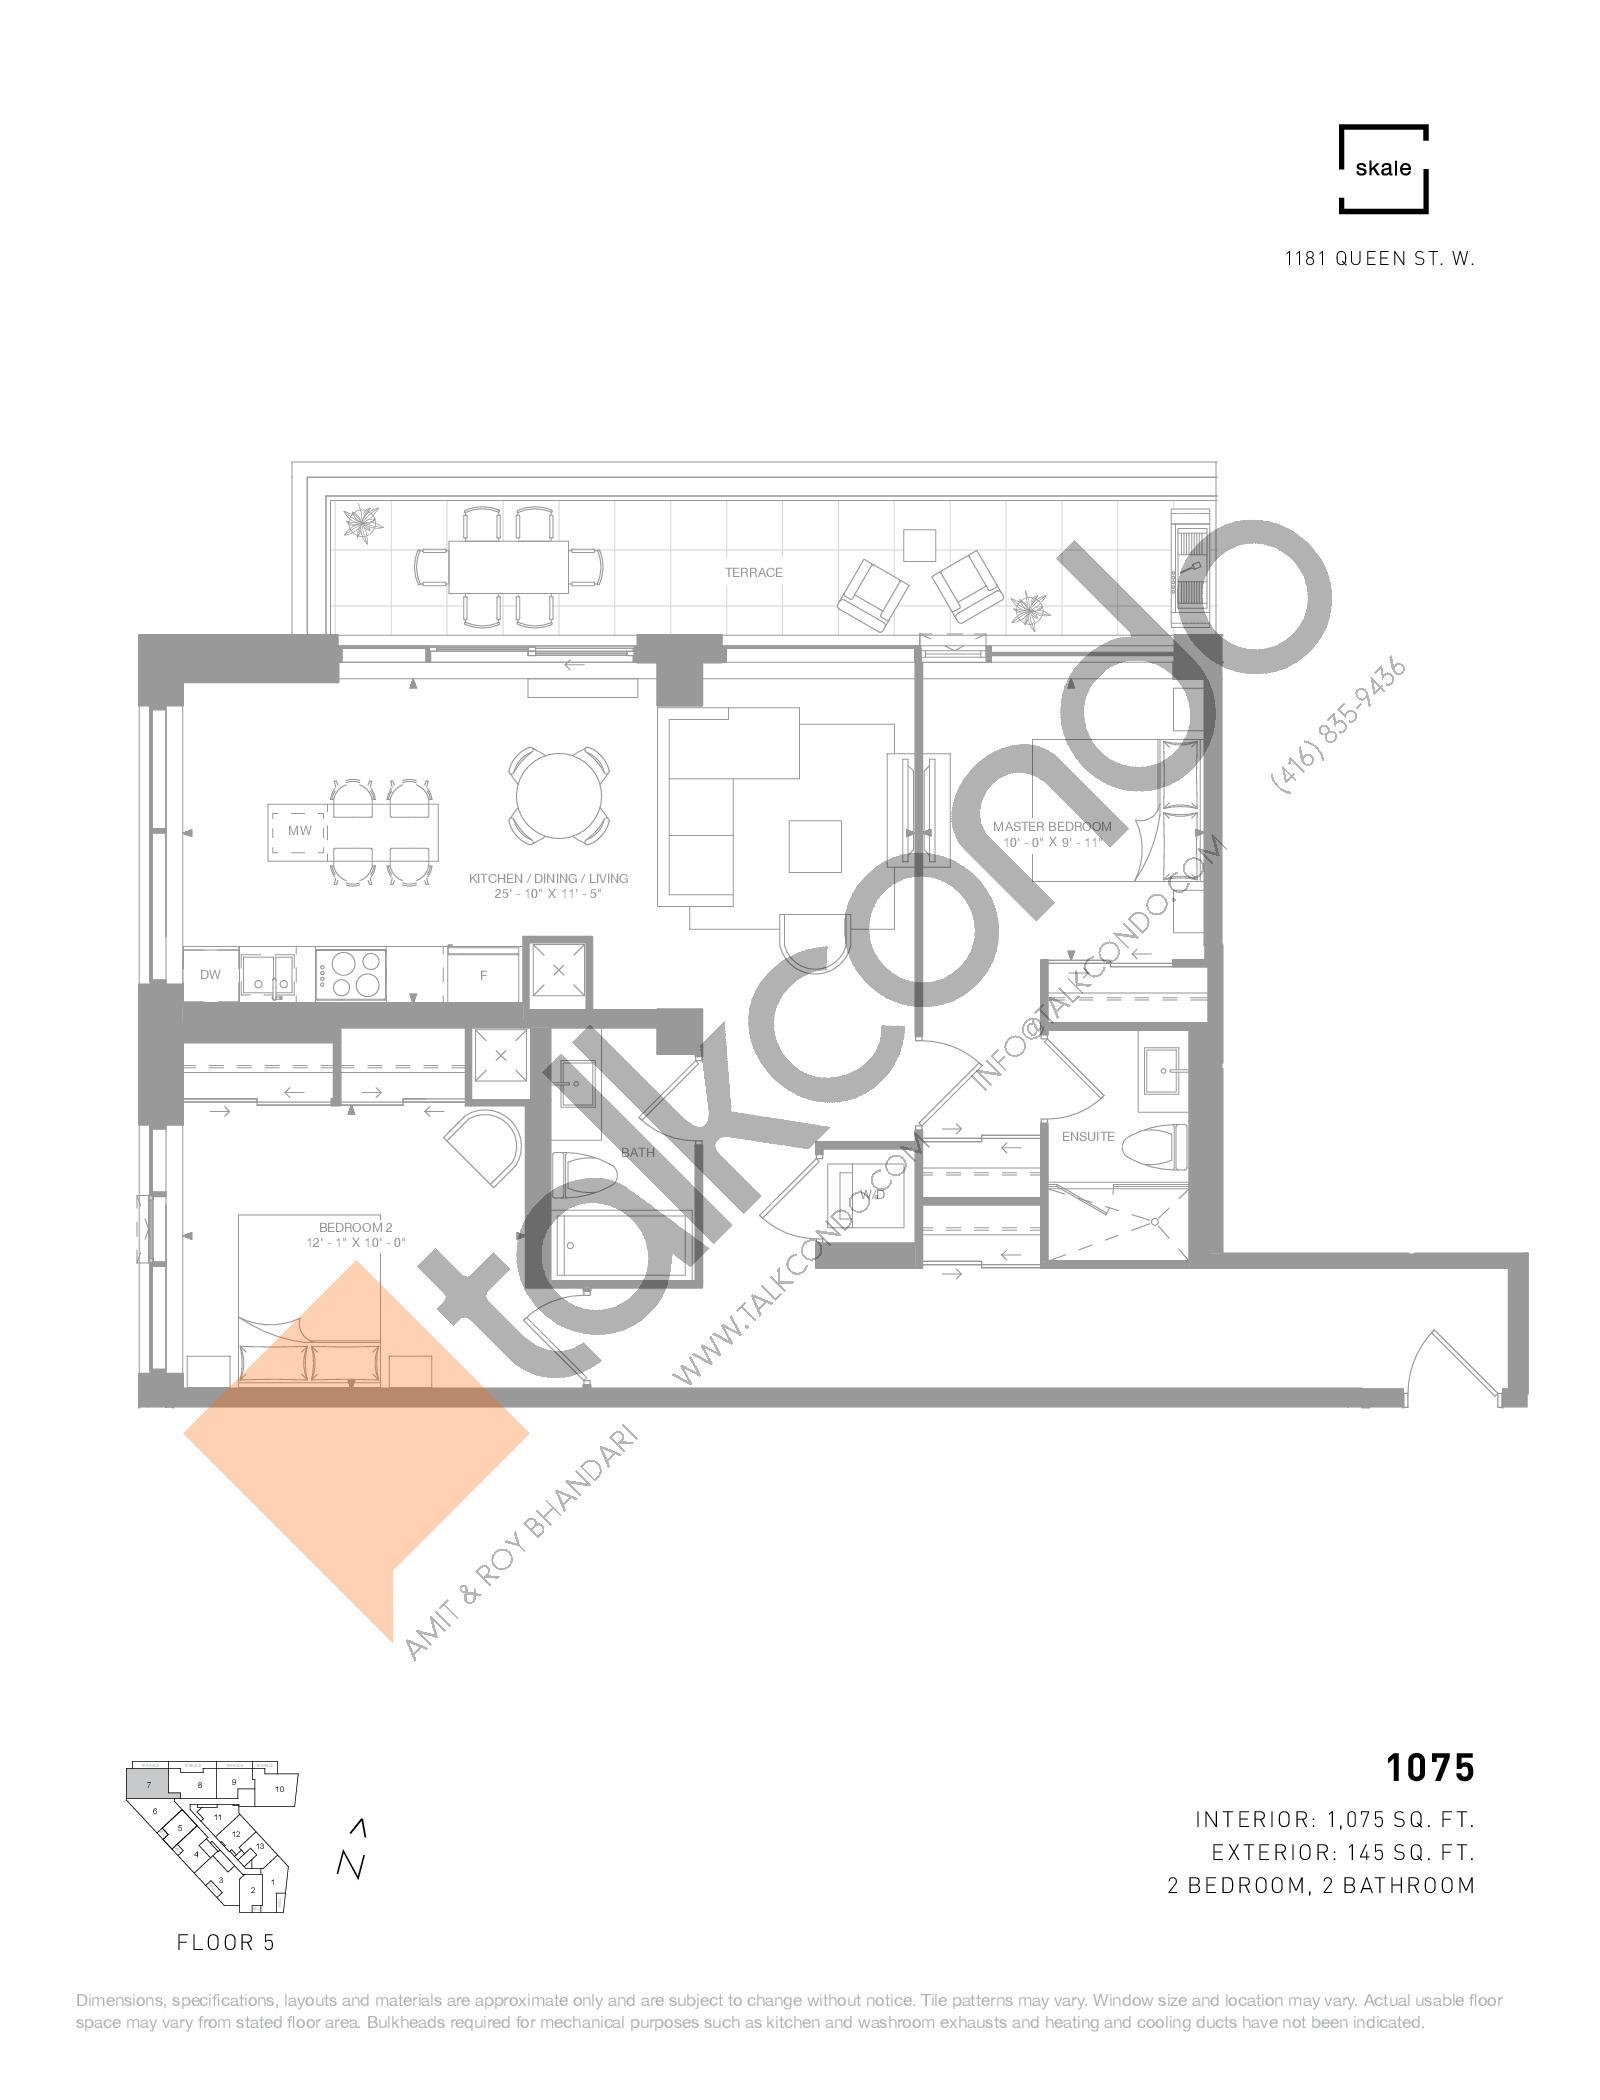 1075 Floor Plan at 1181 Queen West Condos - 1075 sq.ft